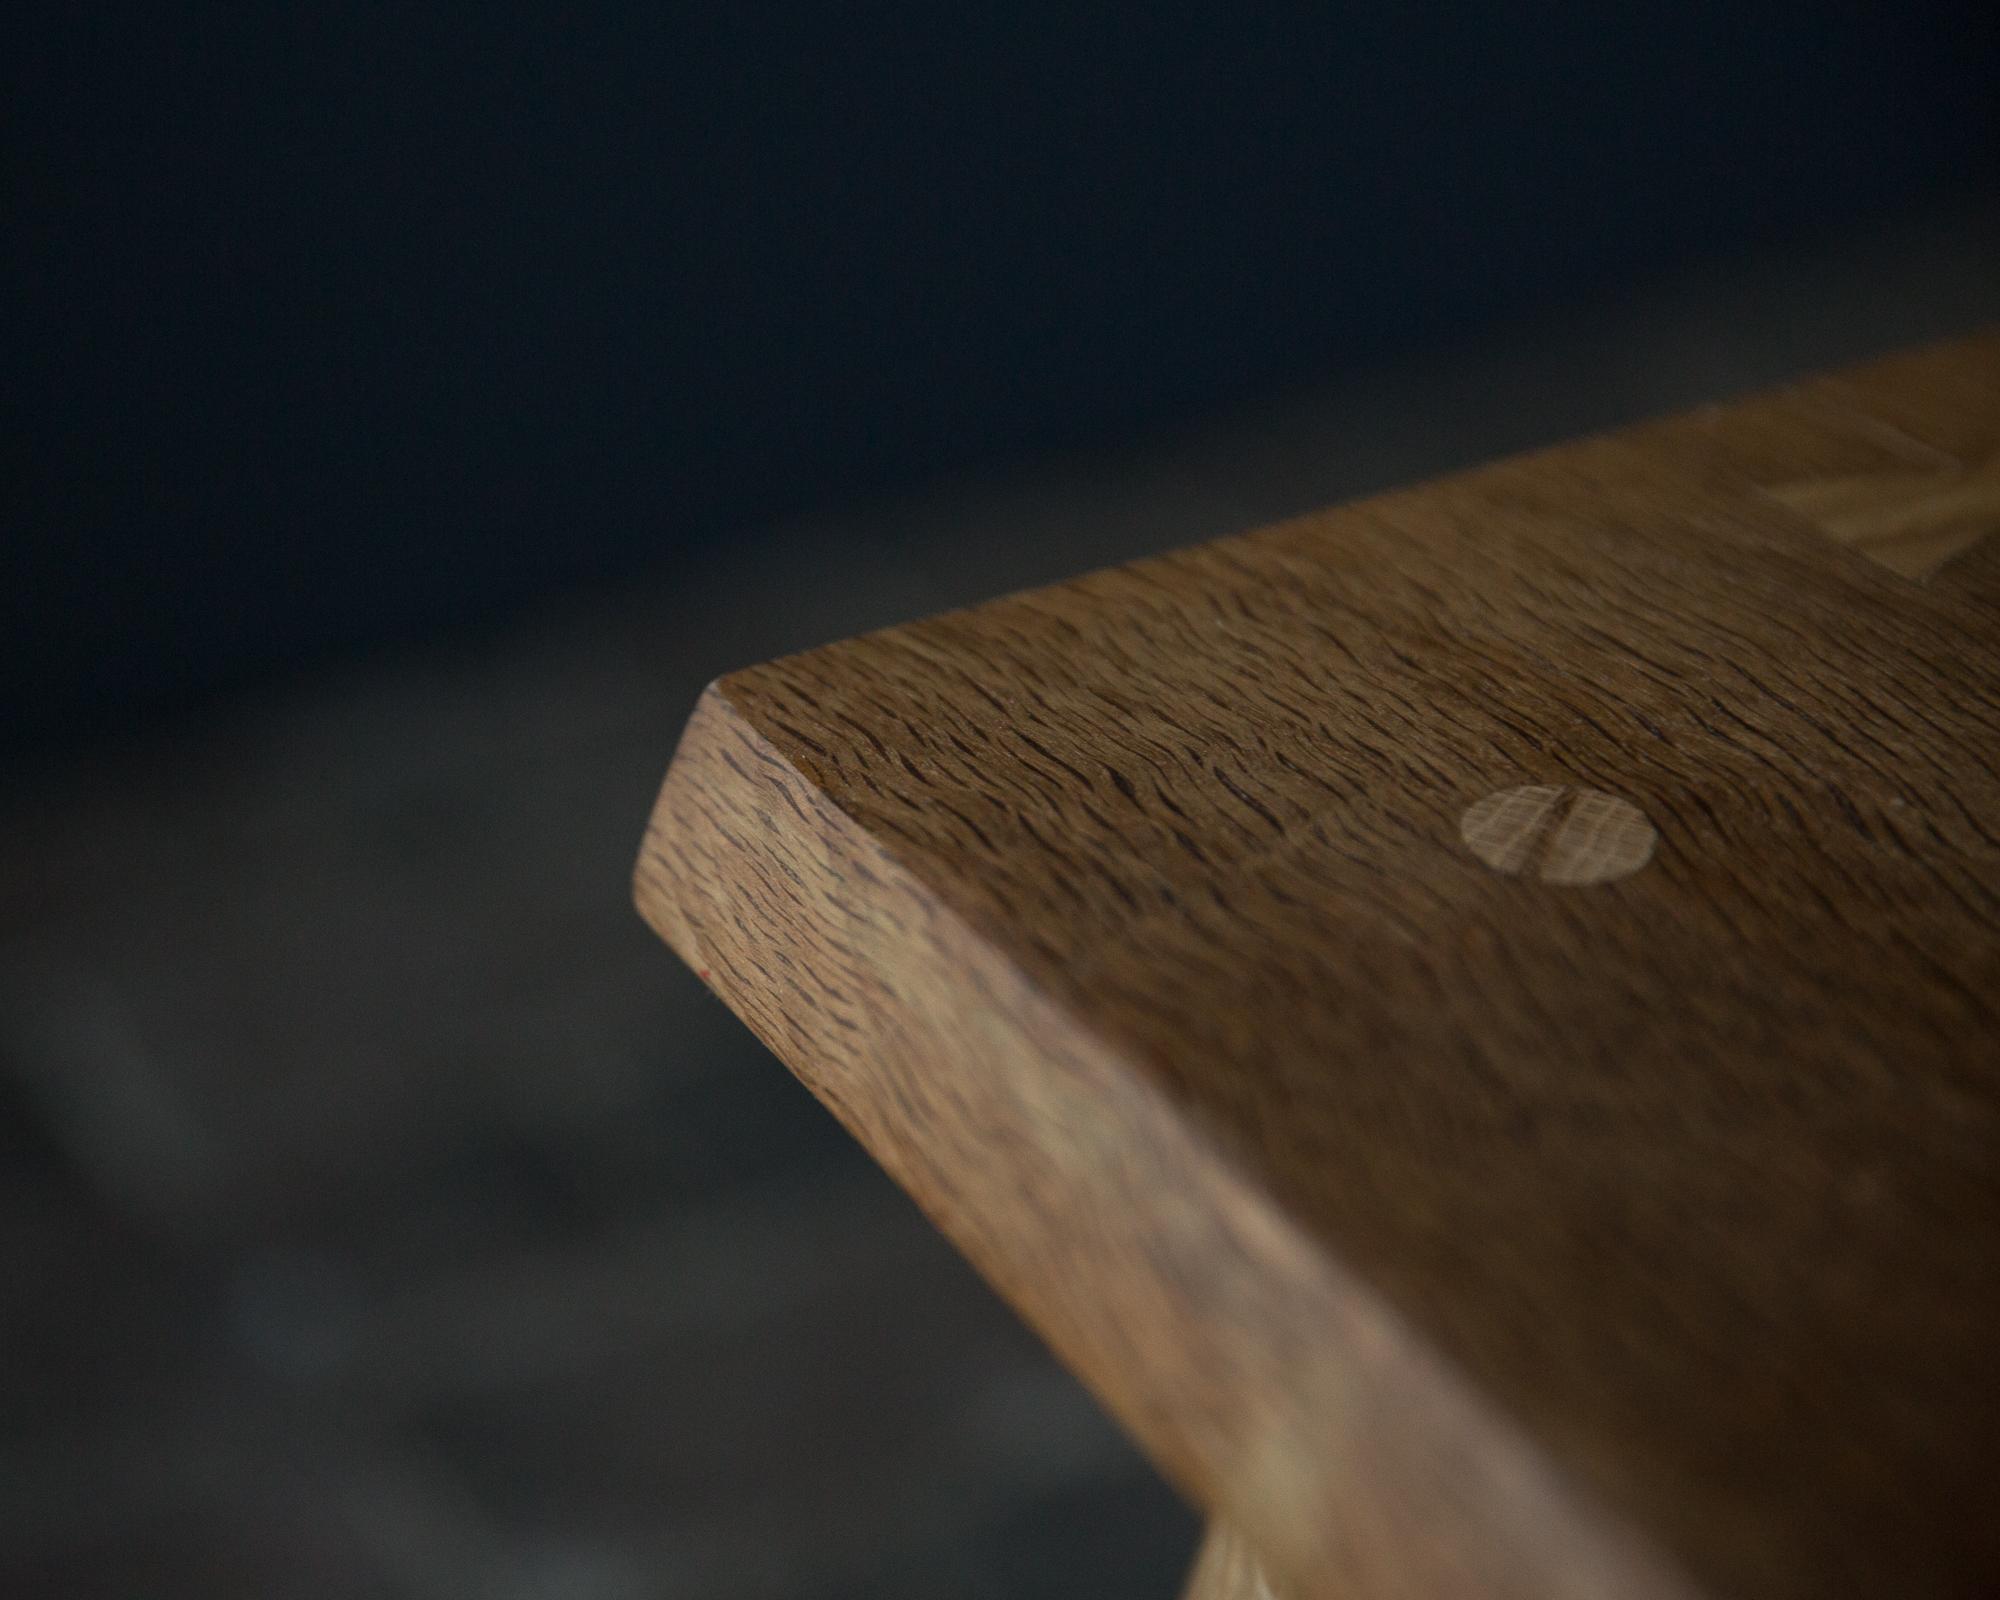 woodshop-22.jpg